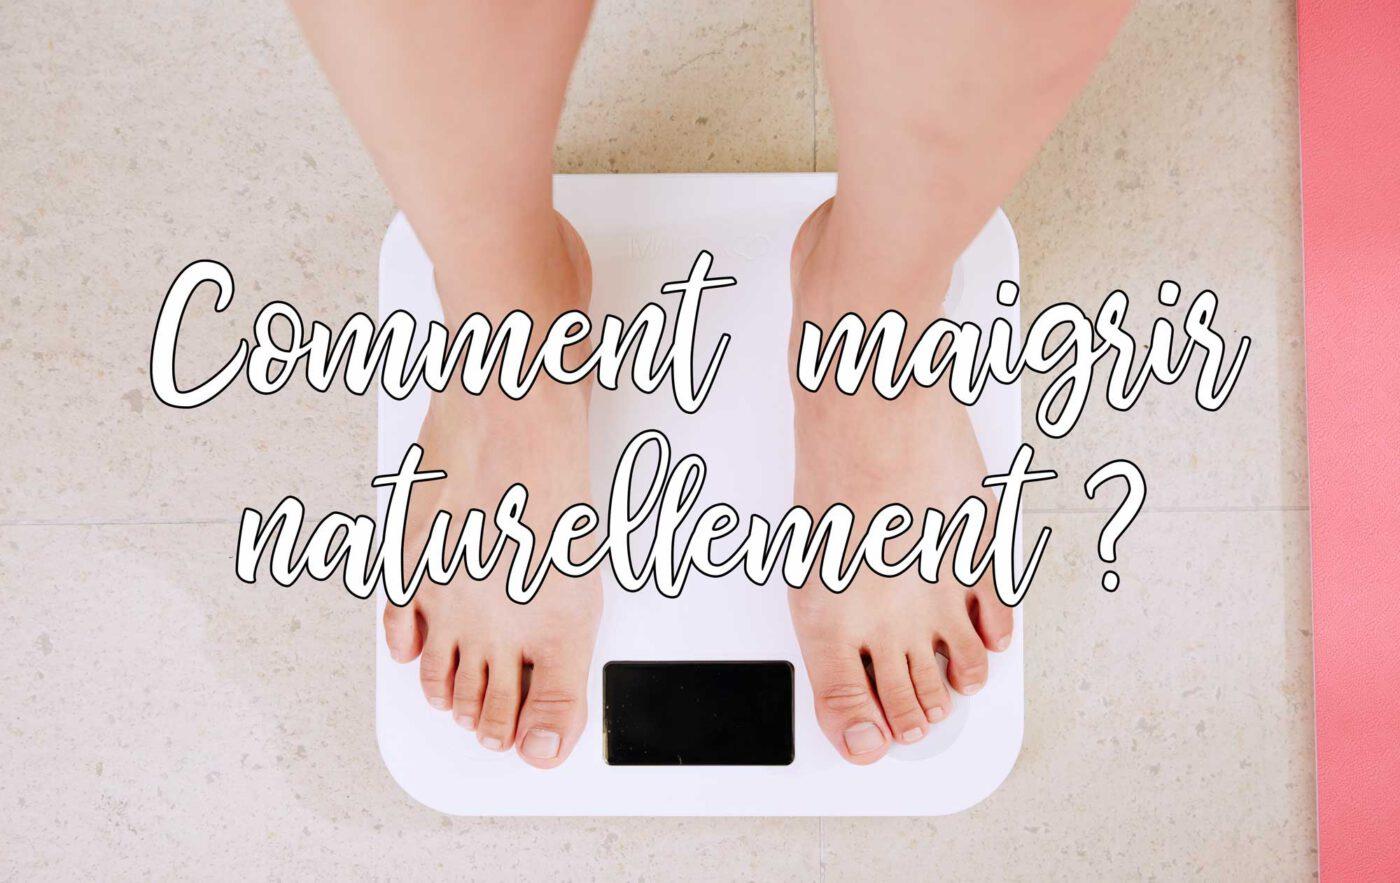 perdre du poids naturellement sans régime